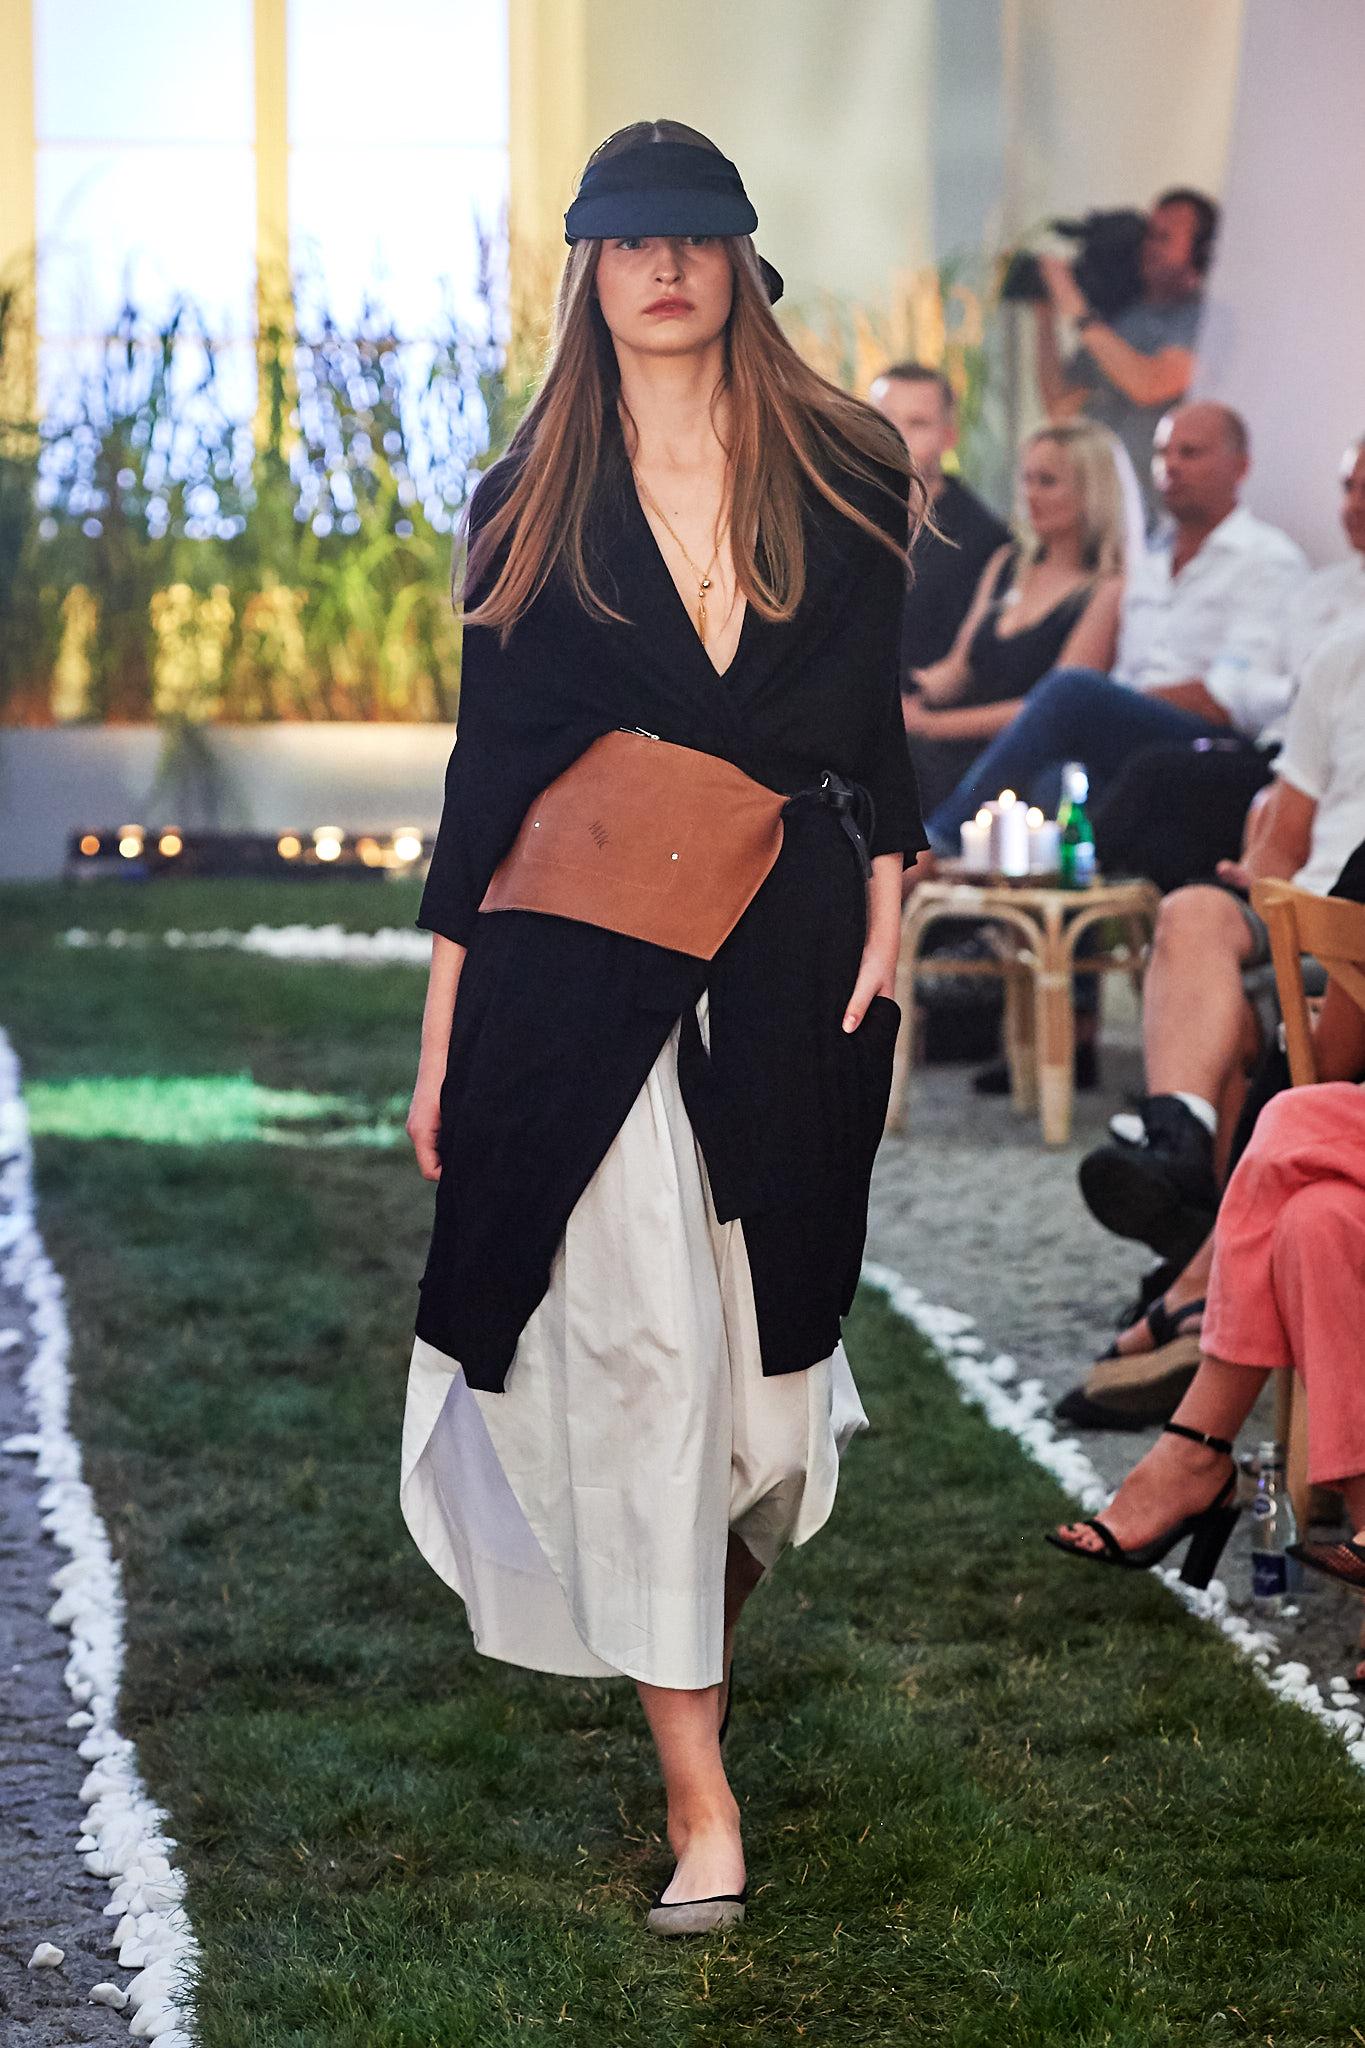 10_MMC-010719-lowres-fotFilipOkopny-FashionImages.jpg